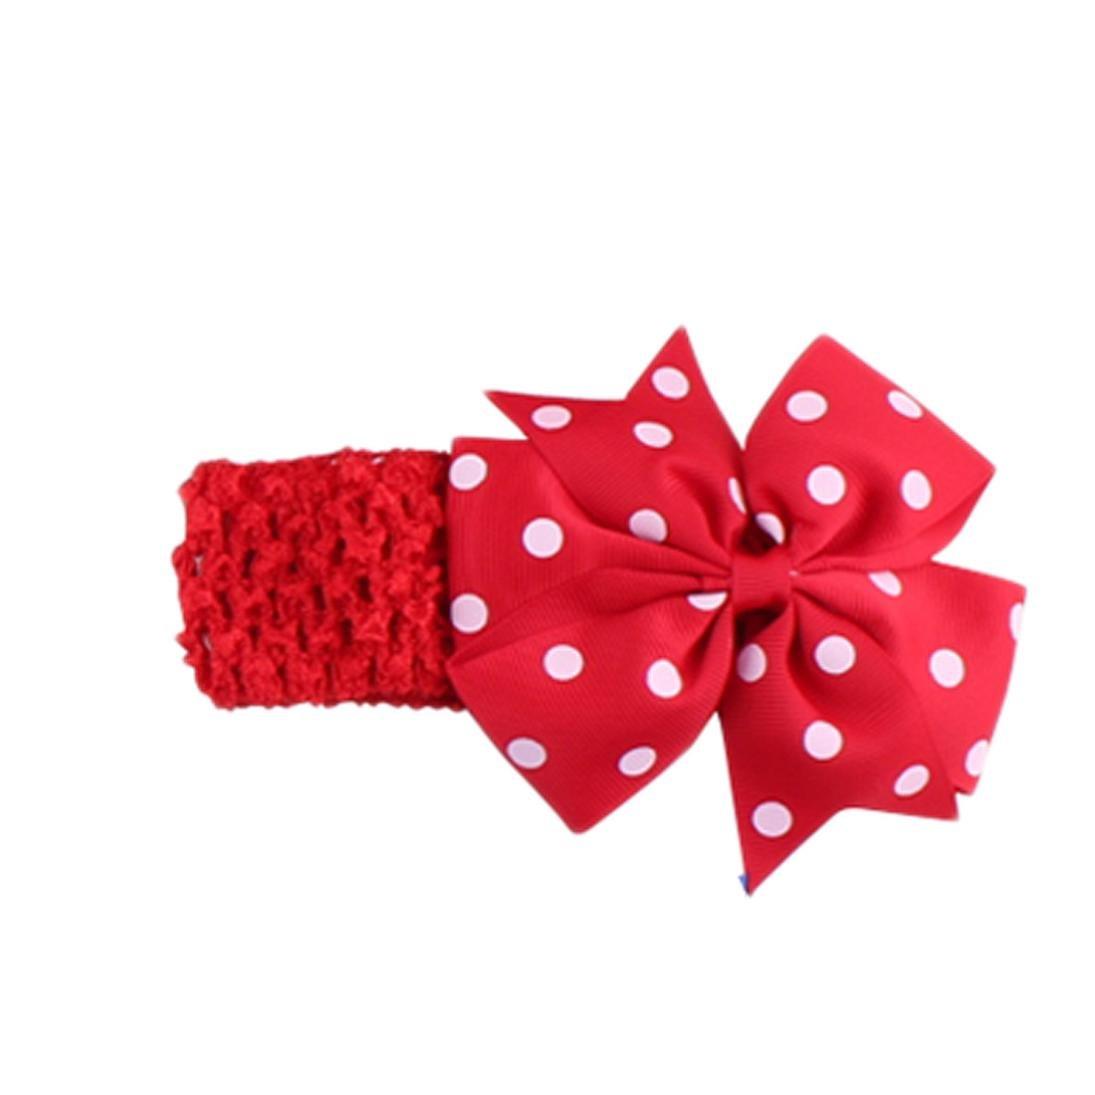 Handlife® Bébé Bandeau Mignon Fille Point Vague Fleur Nœud à deux boucles Cheveux Accessoires (Pink) Handlife®-465